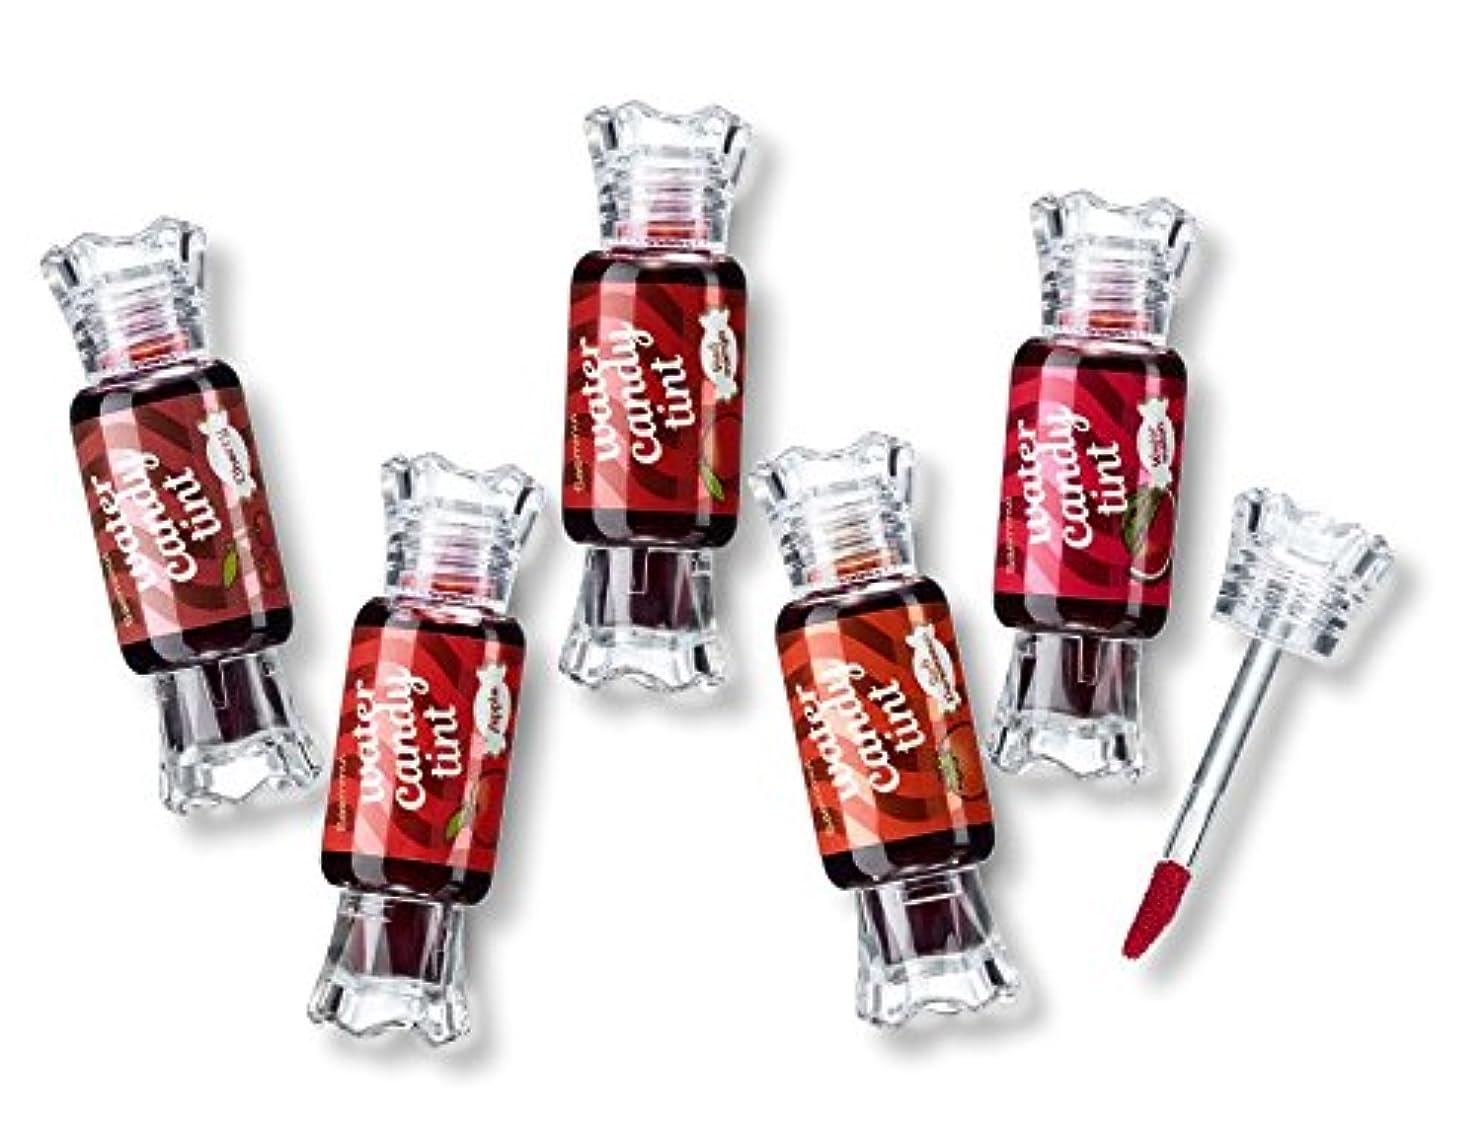 驚き群衆使い込むThe Saem Saemmul Water Candy Tint 5ea [ #01~05 ] ザセム セムムルウォーターキャンディティント# 01,02,03,04,05 [並行輸入品]